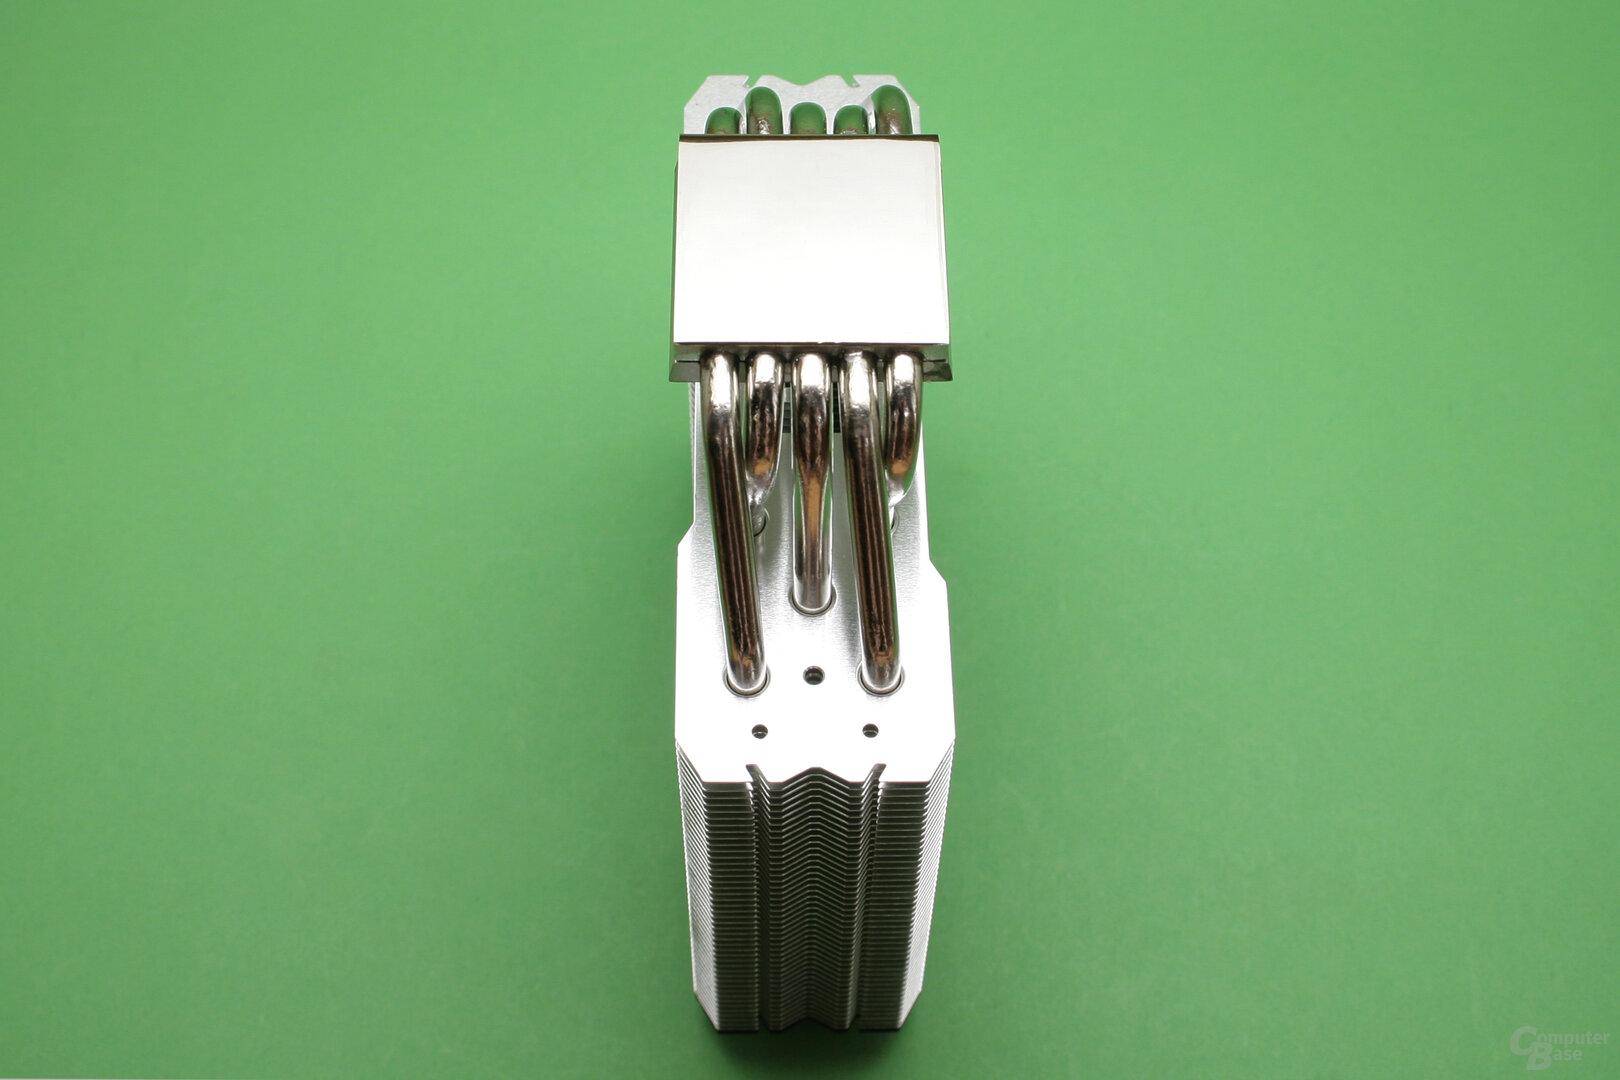 Thermalright TA 140: Der Kühler ist symmetrisch aufgebaut